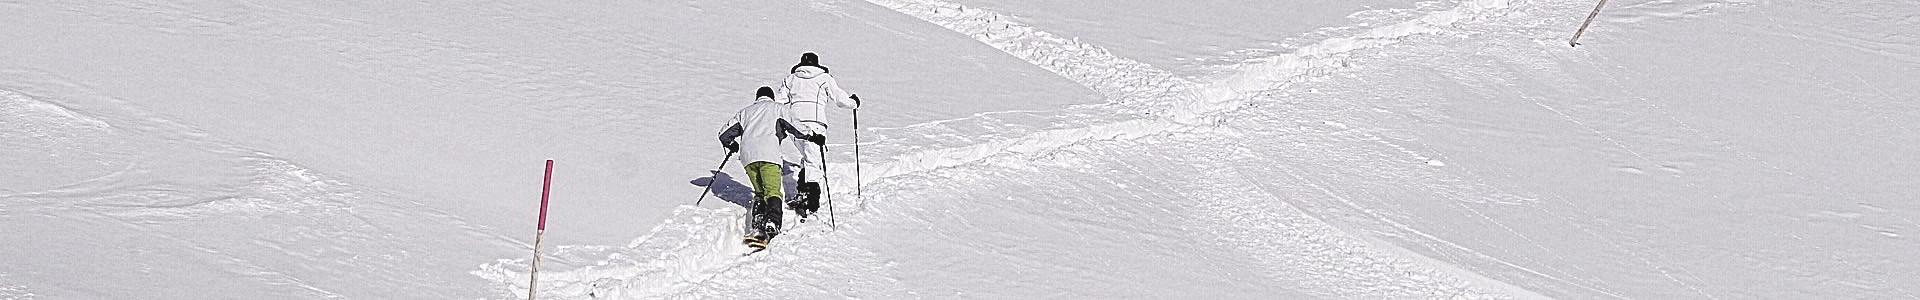 Bergauf Schneeschuhwandern